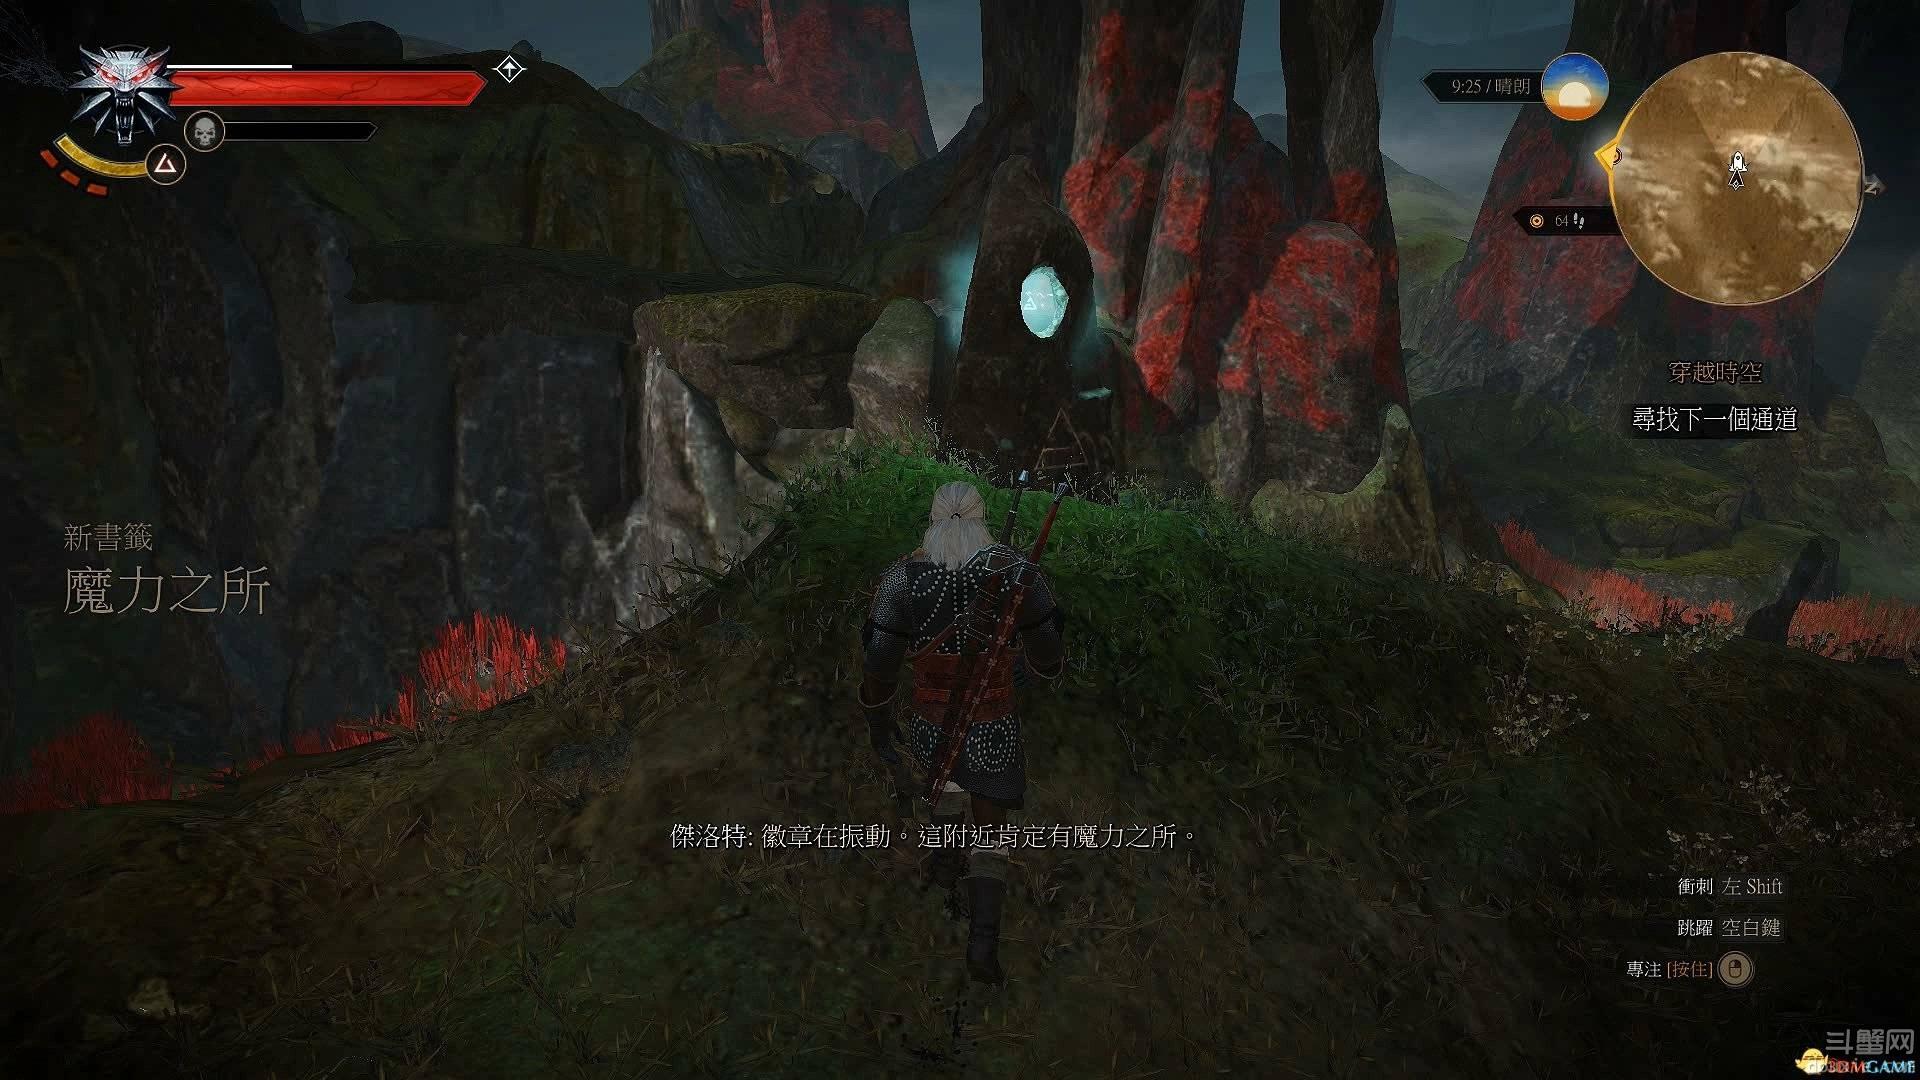 巫师3狂猎穿越时空有几个魔力点